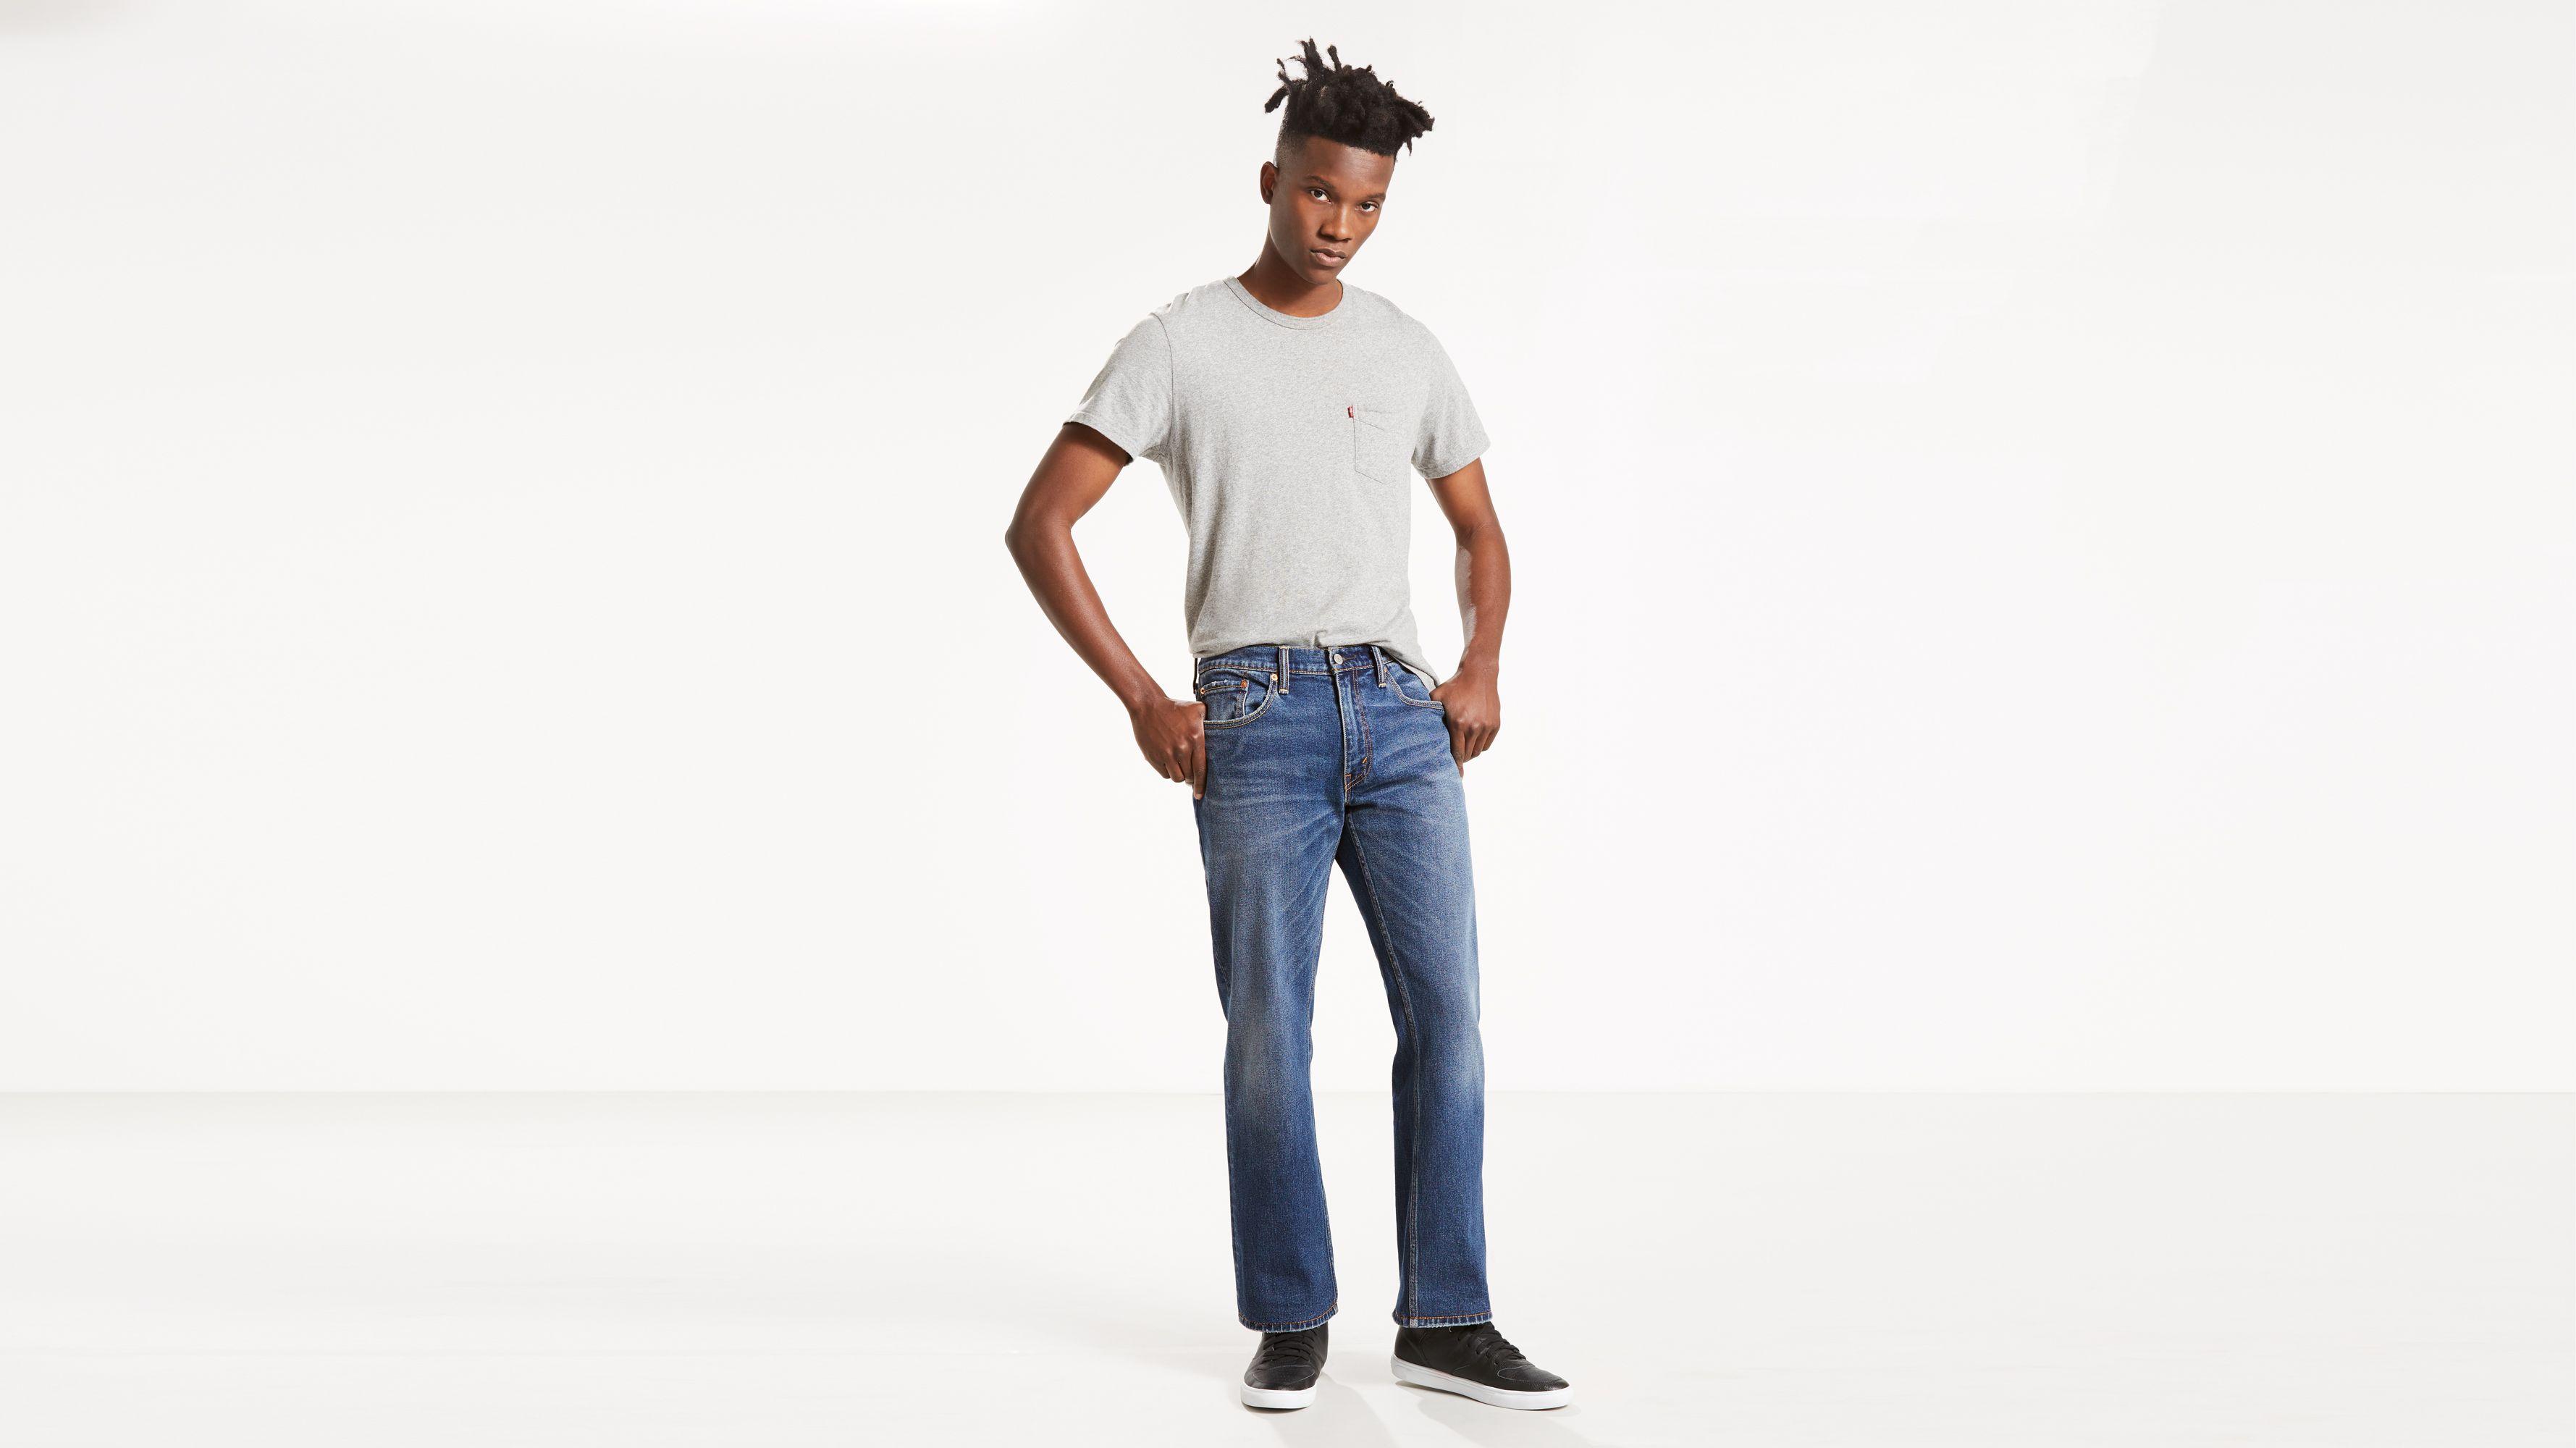 Des Jeans En Vente, Bleu Denim, Coton, 2017, 32 33 34 35 38 40 Fay